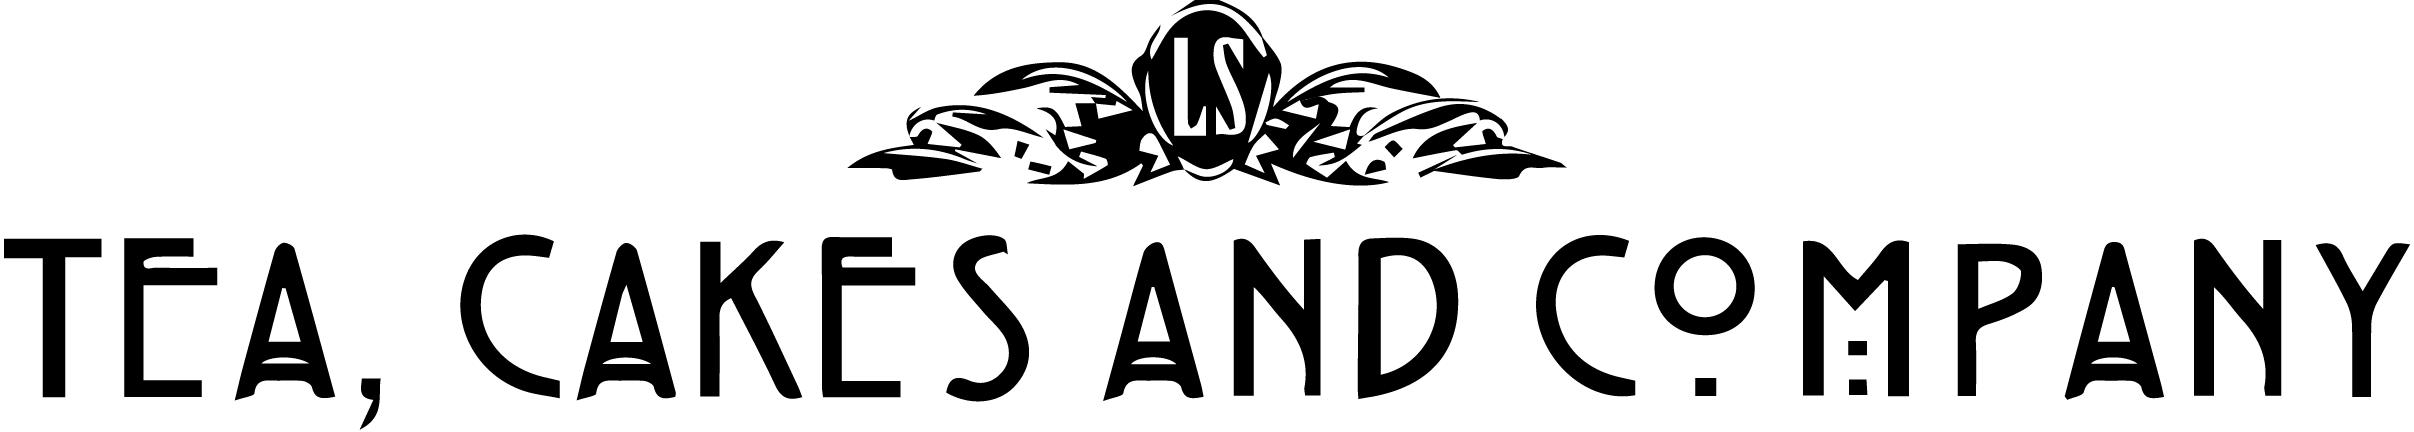 Logo Tea,cakes and company